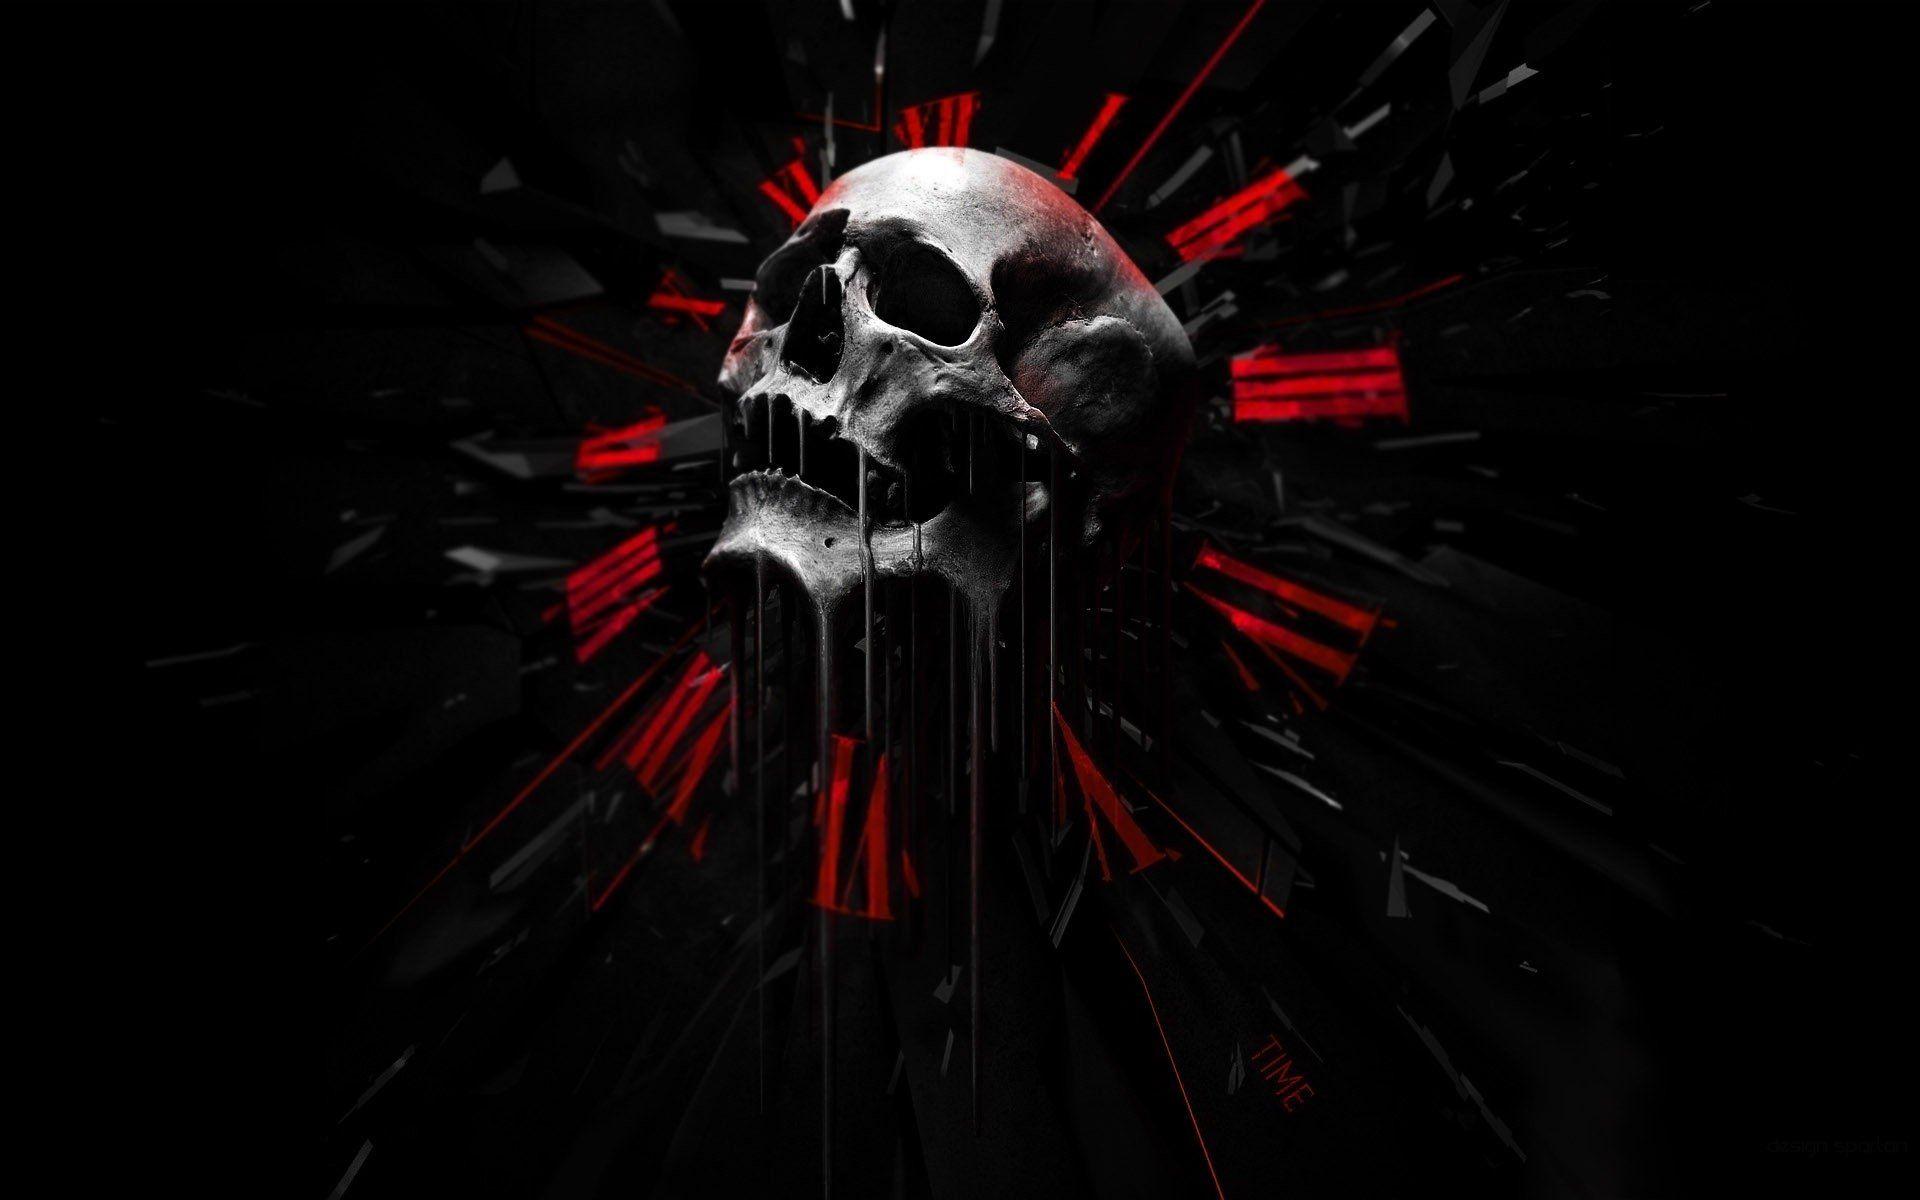 Skulls Dark Abstract Black Red Wallpaper 1920x1200 698376 Skull Wallpaper Black Skulls Wallpaper Red And Black Wallpaper